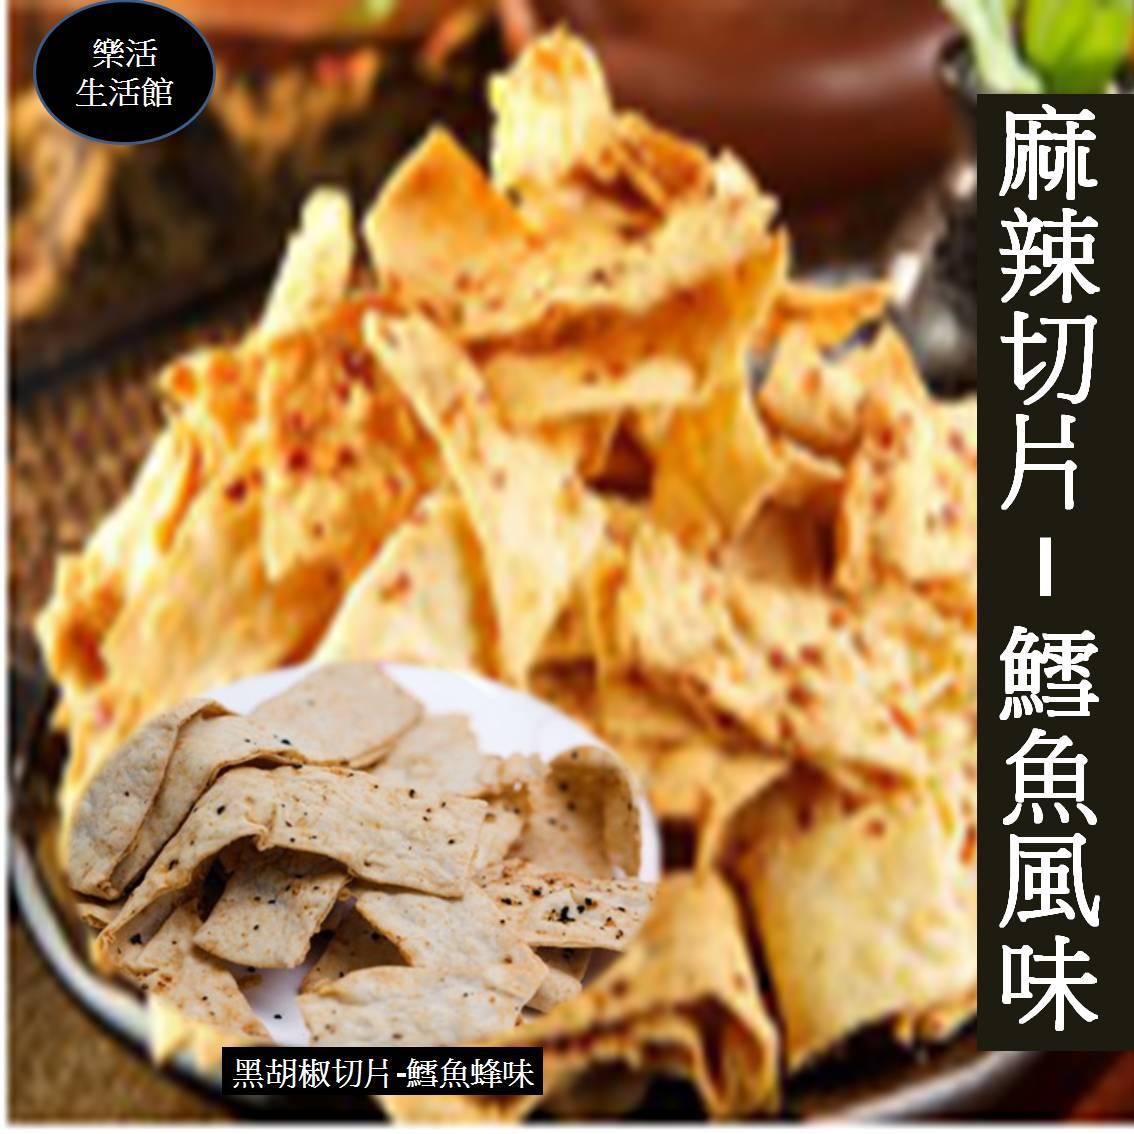 切片系列-麻辣、黑胡椒、鮭魚 3種口味可選 180g 【樂活生活館】